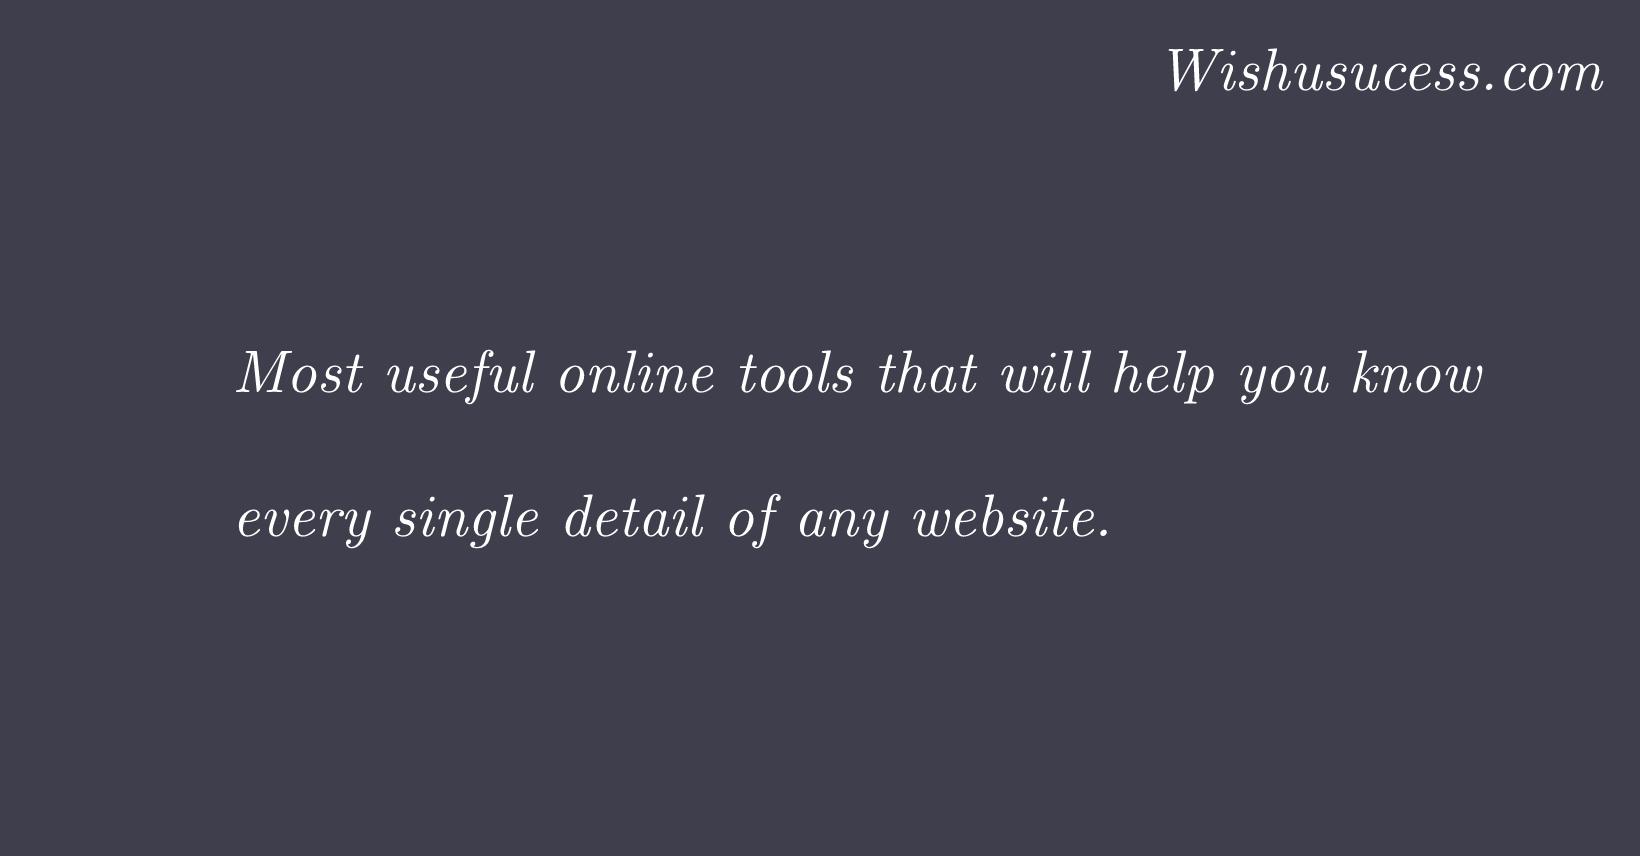 Best Online Tools for Website